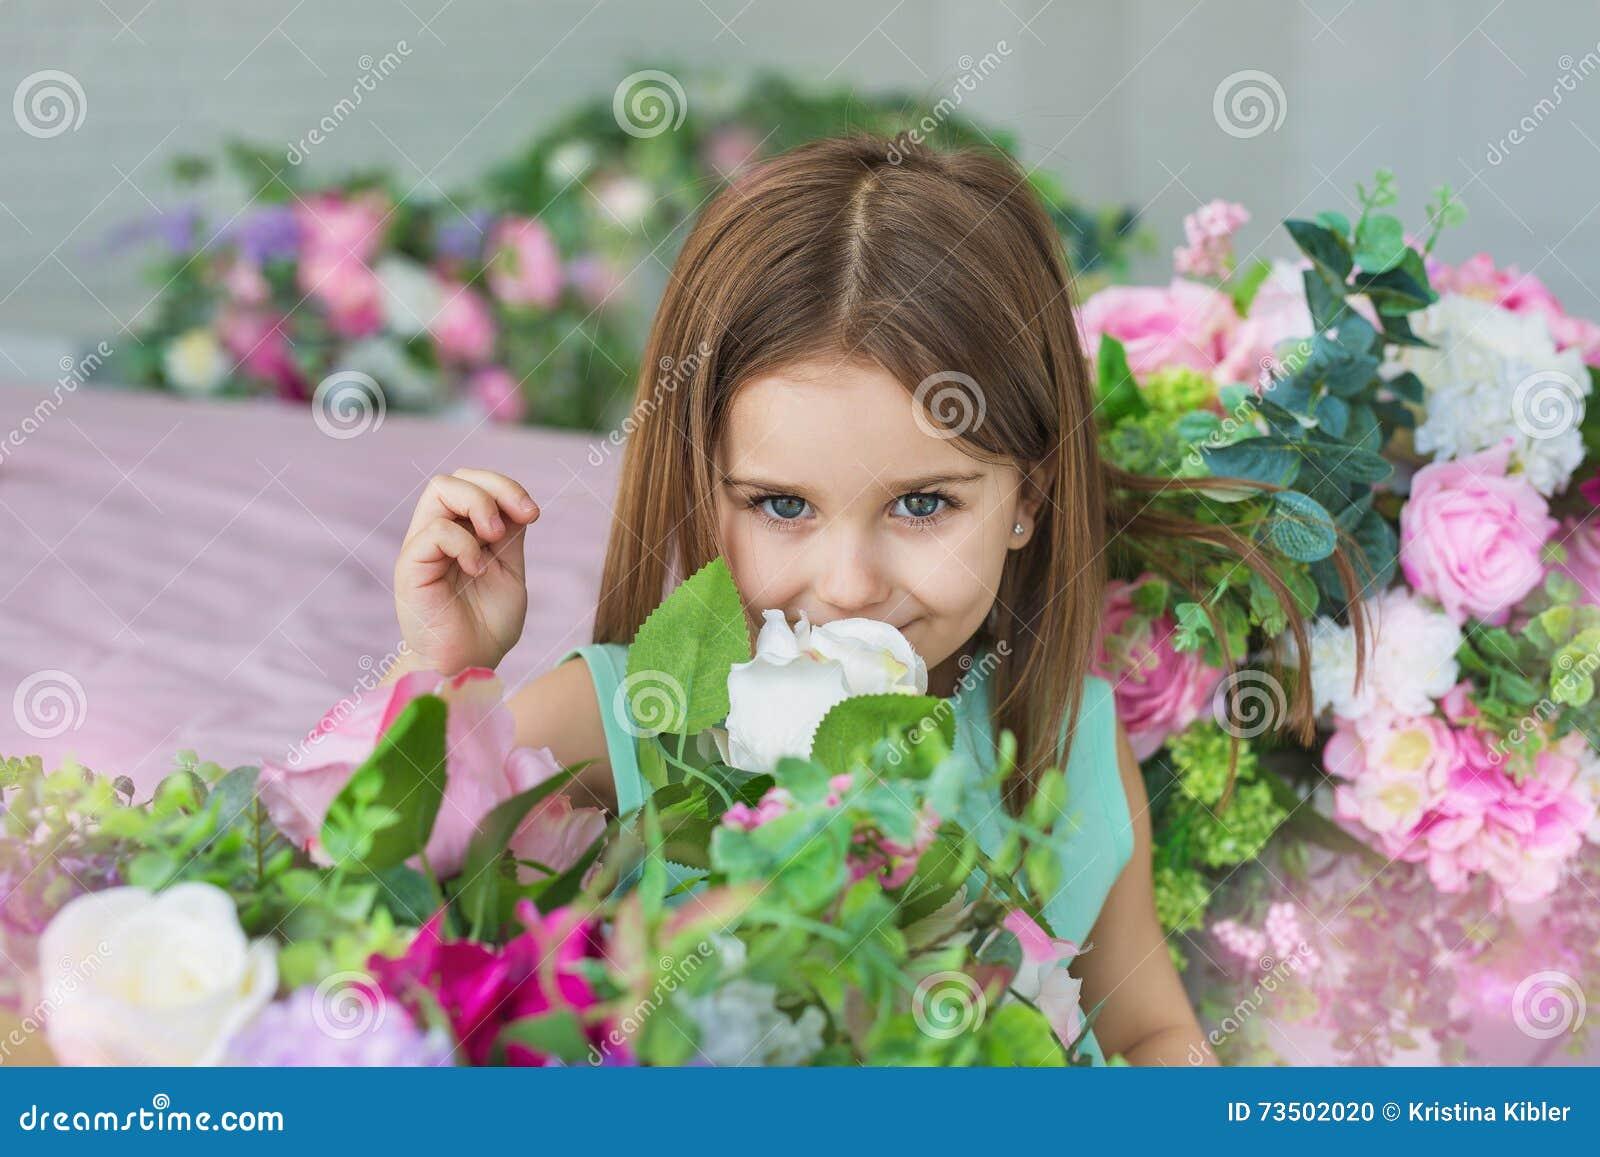 Het portret van een mooi meisje in een turkooise kleding snuift bloemen in een studio